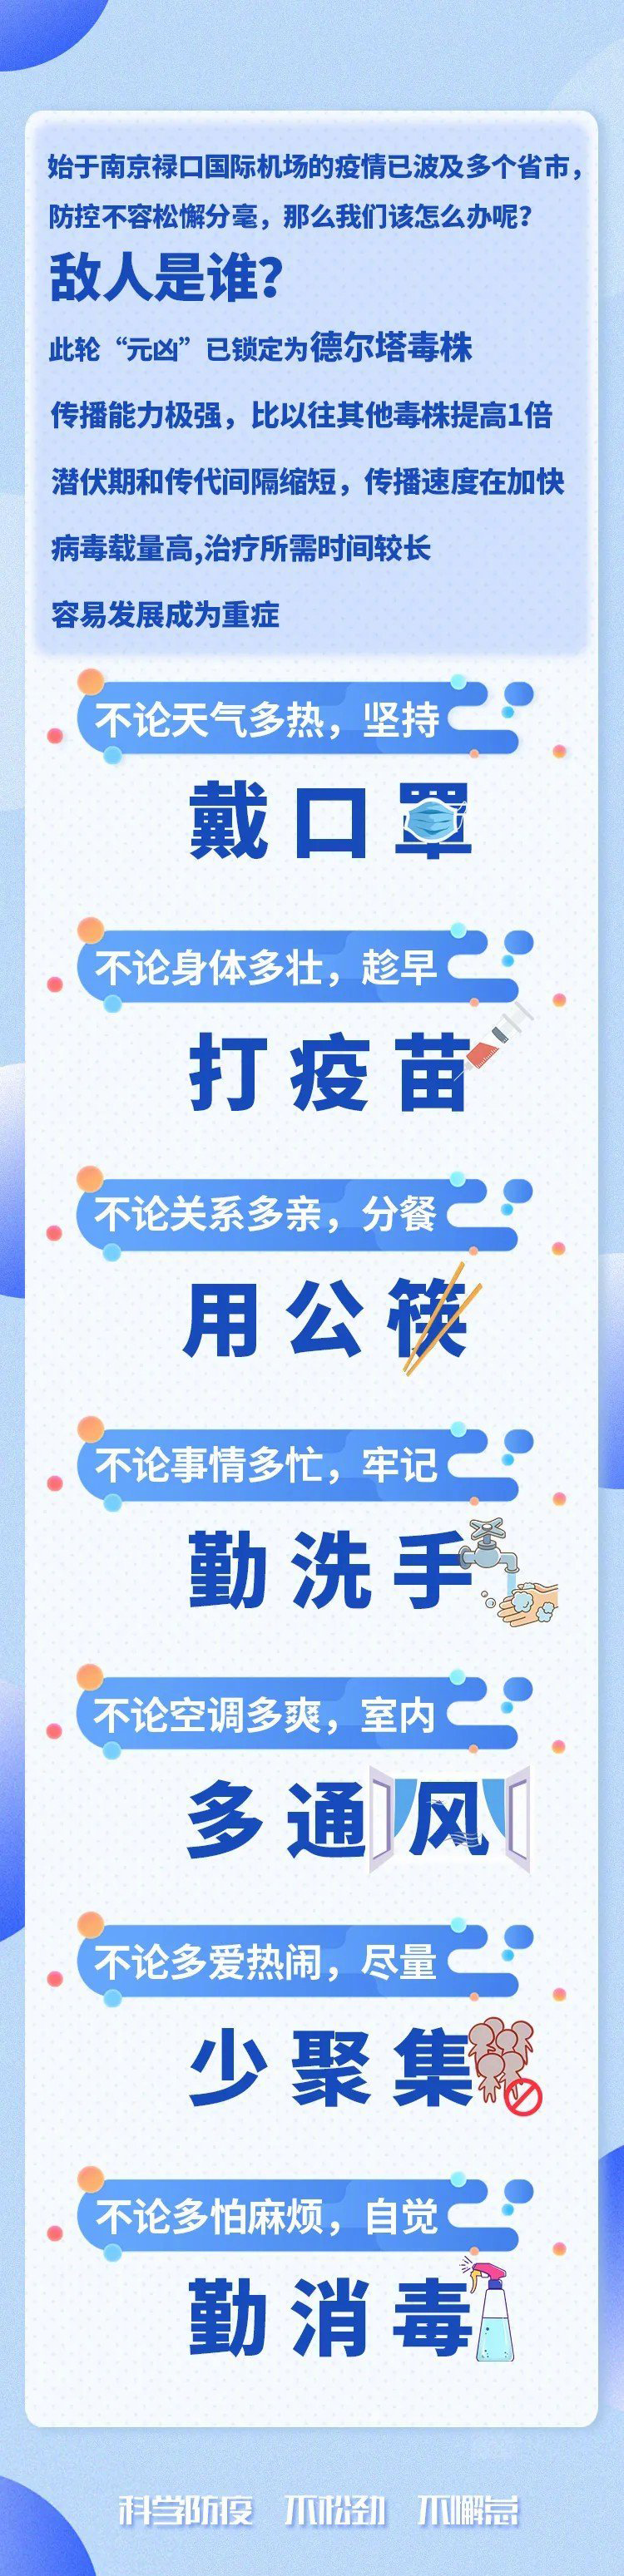 江苏疫情插图